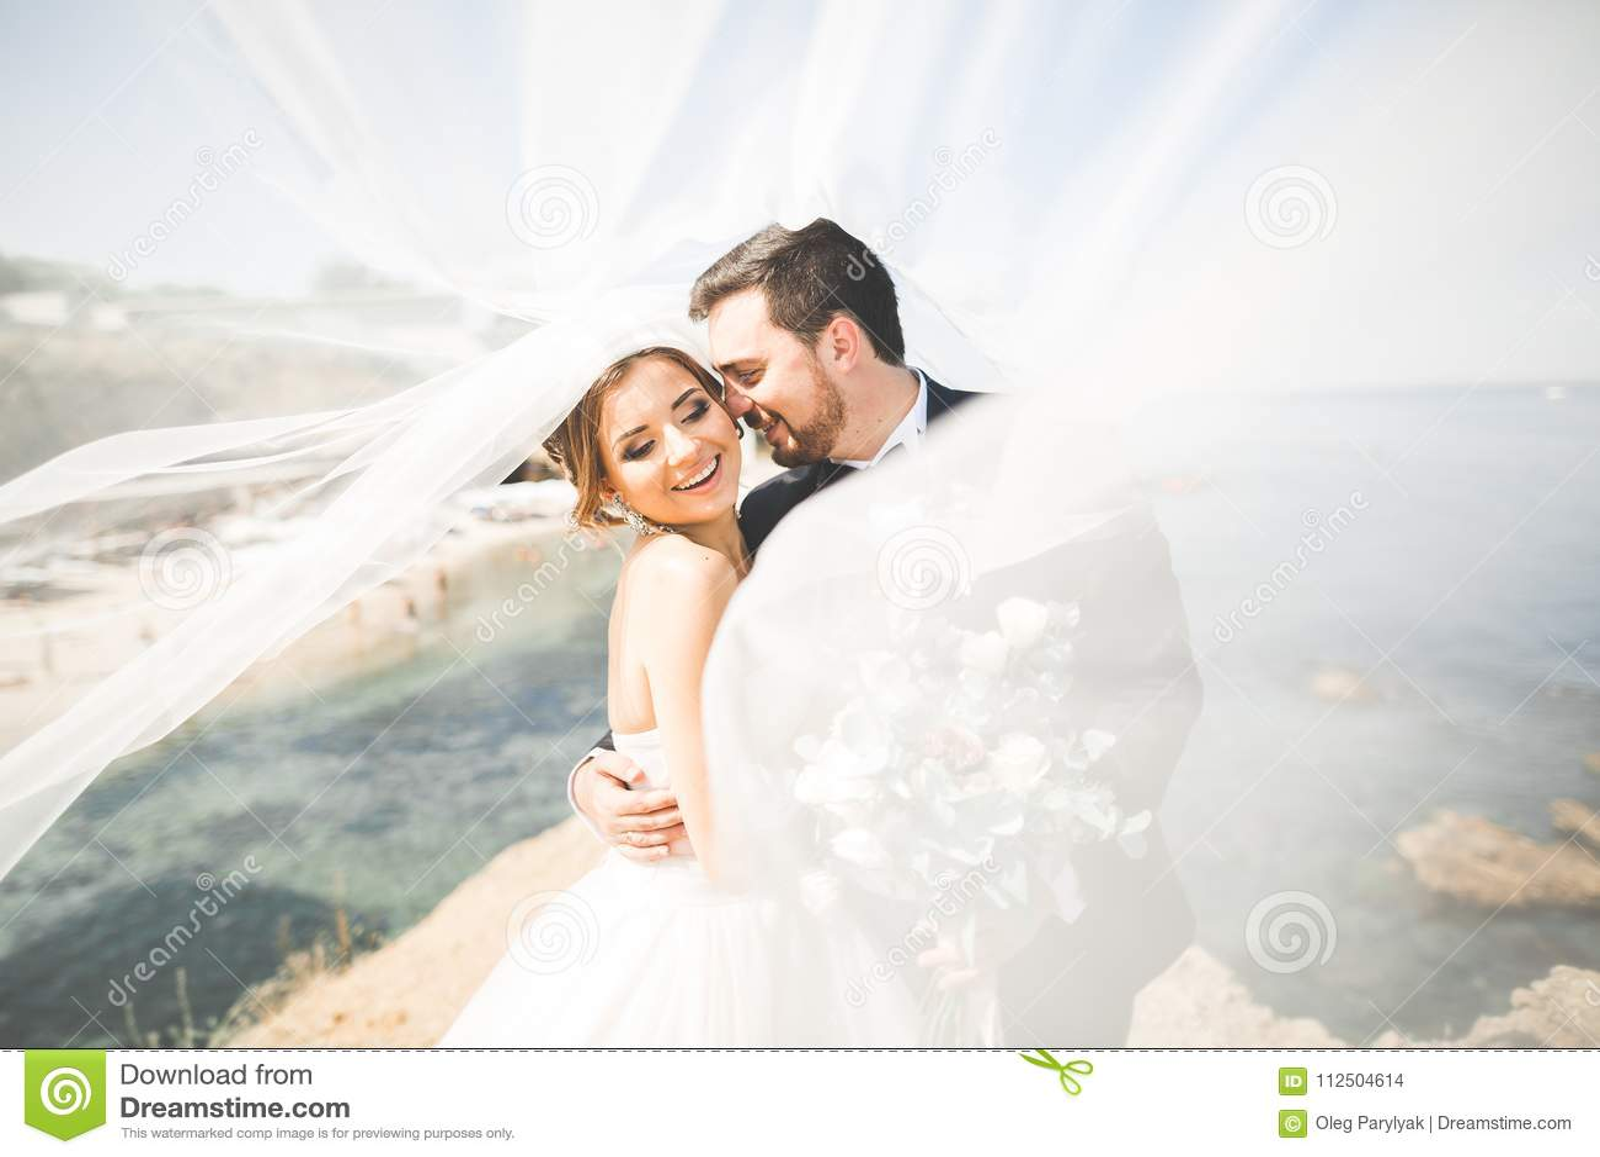 Escena feliz y romántica apenas de la pareja joven casada de la boda que presenta en la playa hermosa